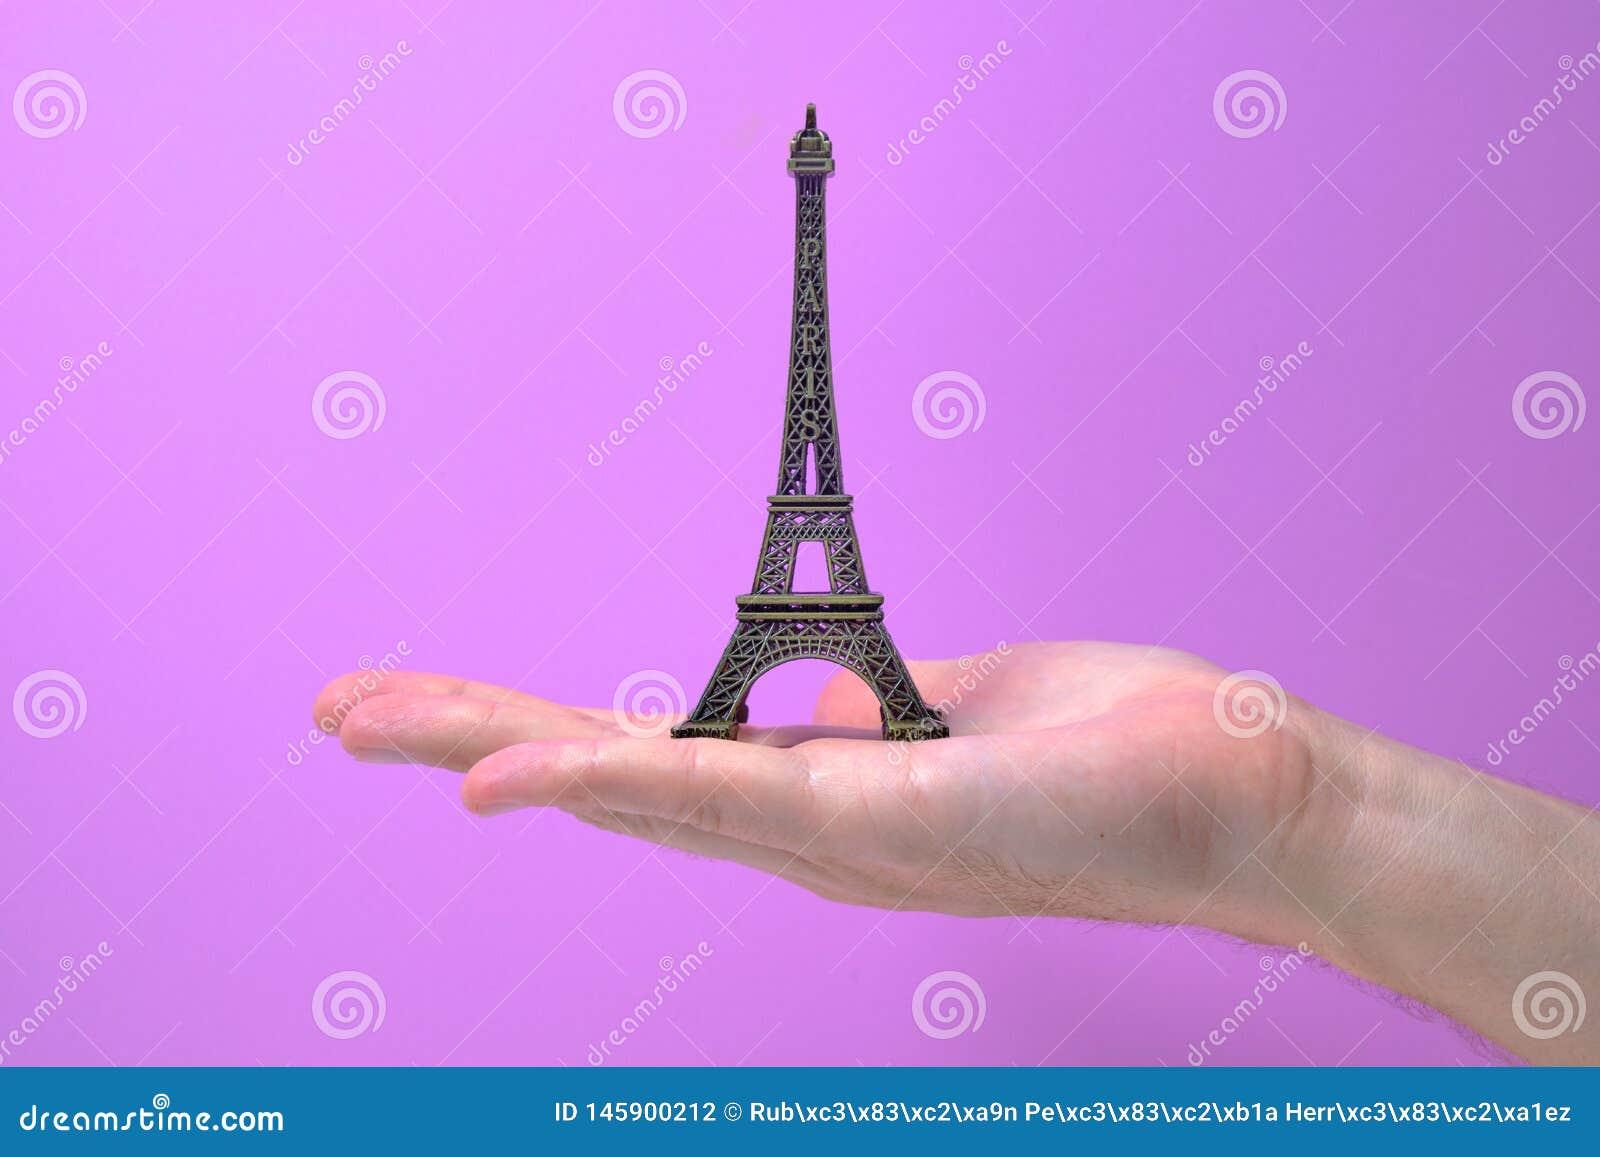 Tour Eiffel a remis à la main étroit vers le haut du souvenir en bronze